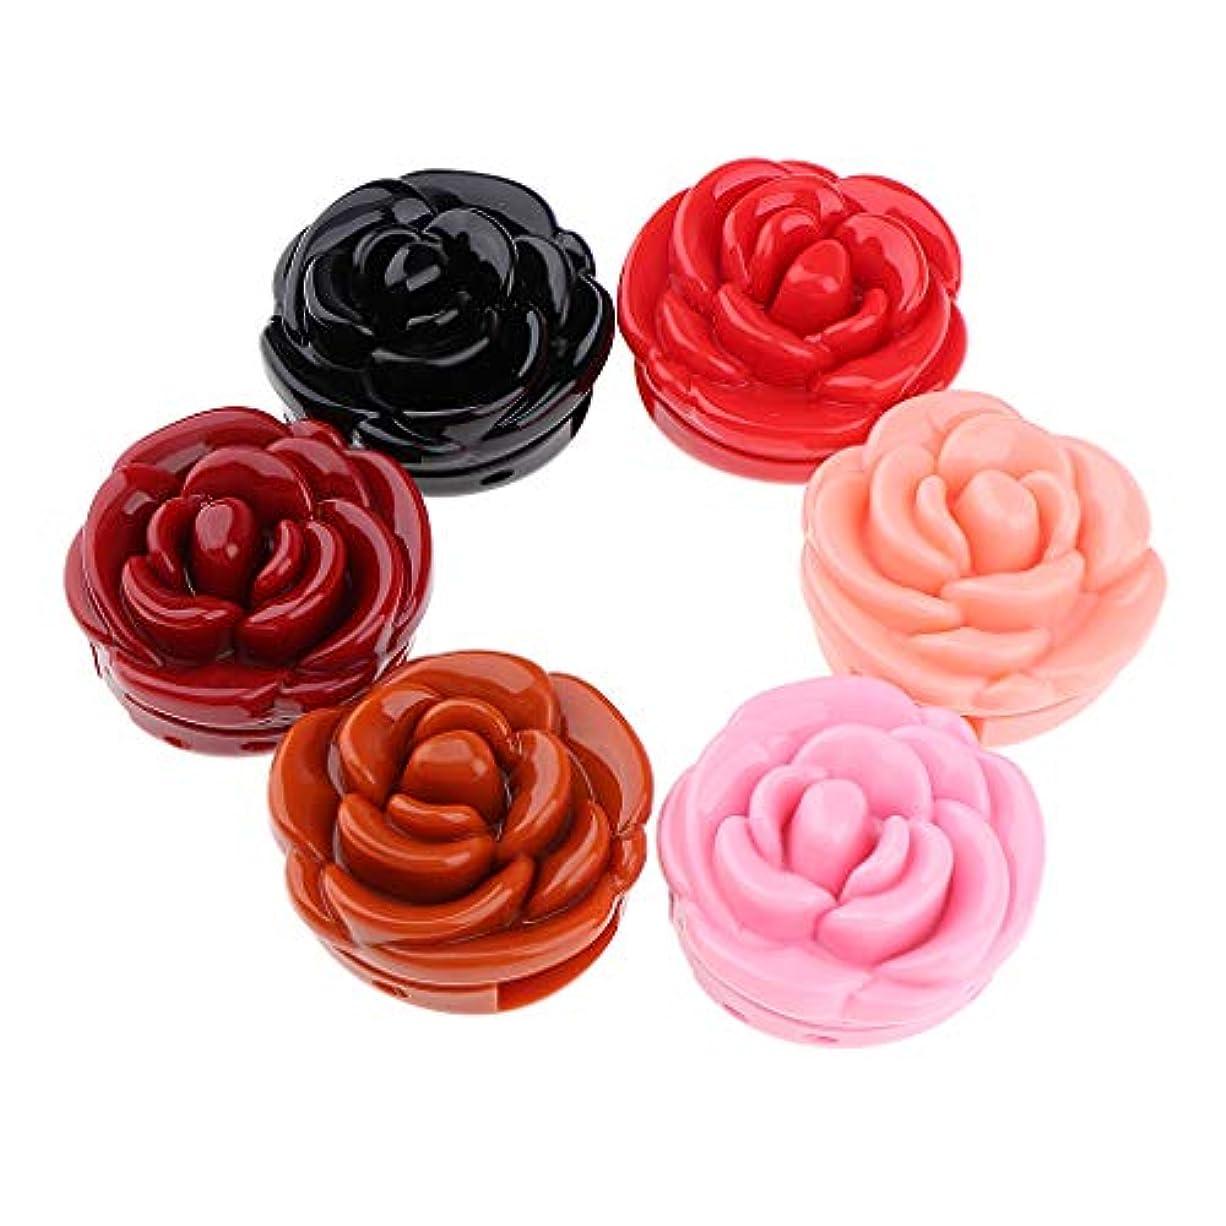 とげのある可動式添加剤防水口紅 リップクリーム 美容 化粧品 メイクアップツール 6色セット